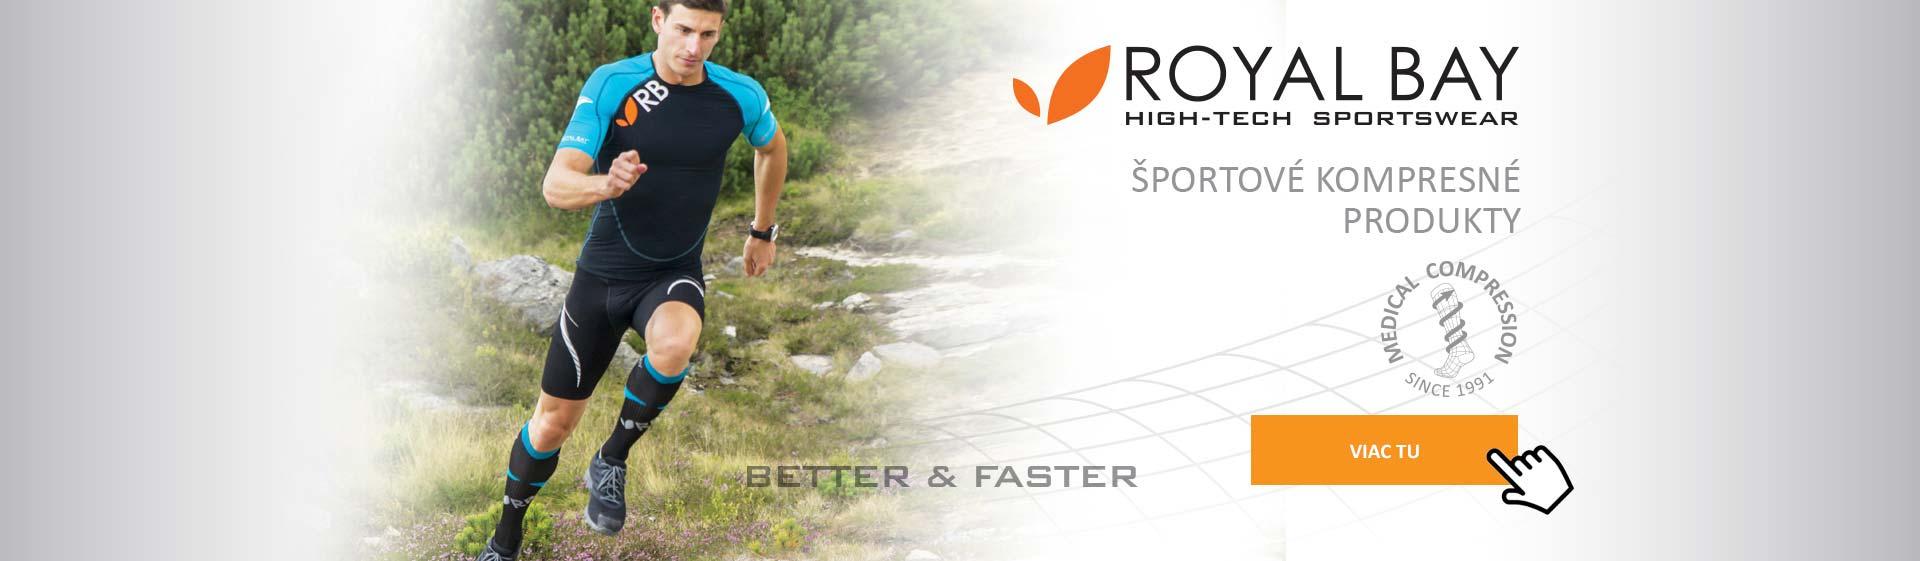 Sportovní kompresní produkty ROYAL BAY ... klikněte zde